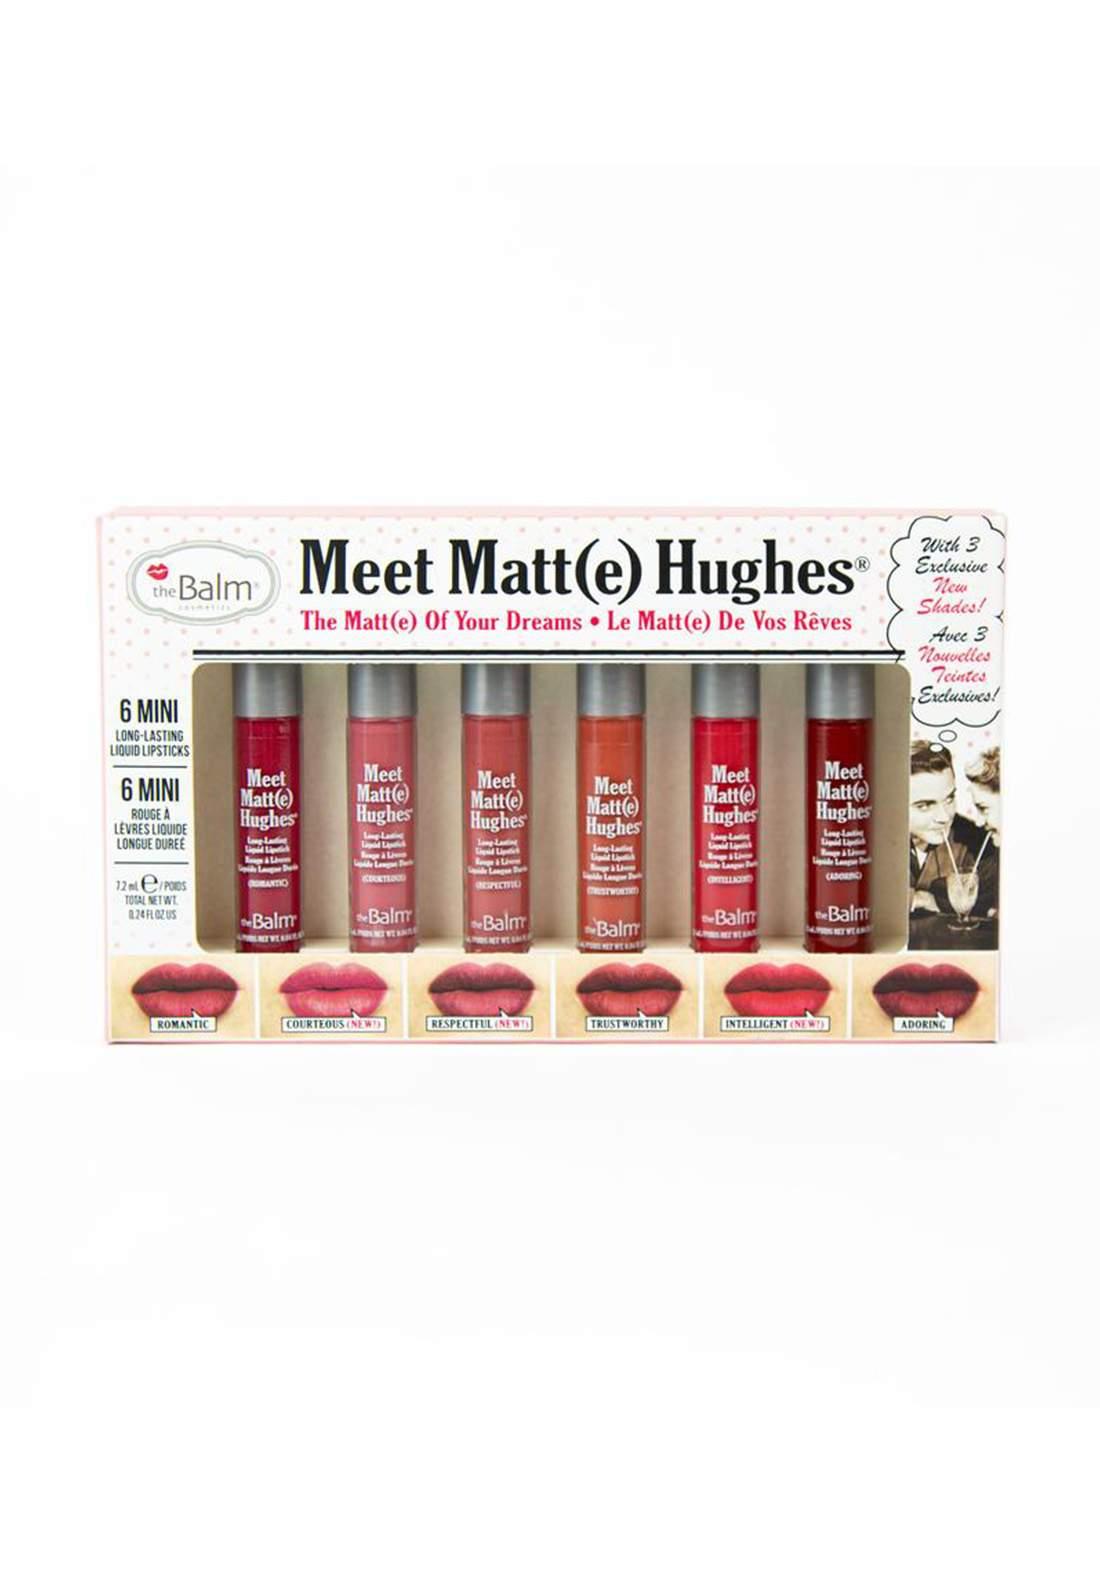 The Balm Meet Matt Hughes Set of 6 Mini Lipsticks Vol. 12  سيت احمر الشفاه